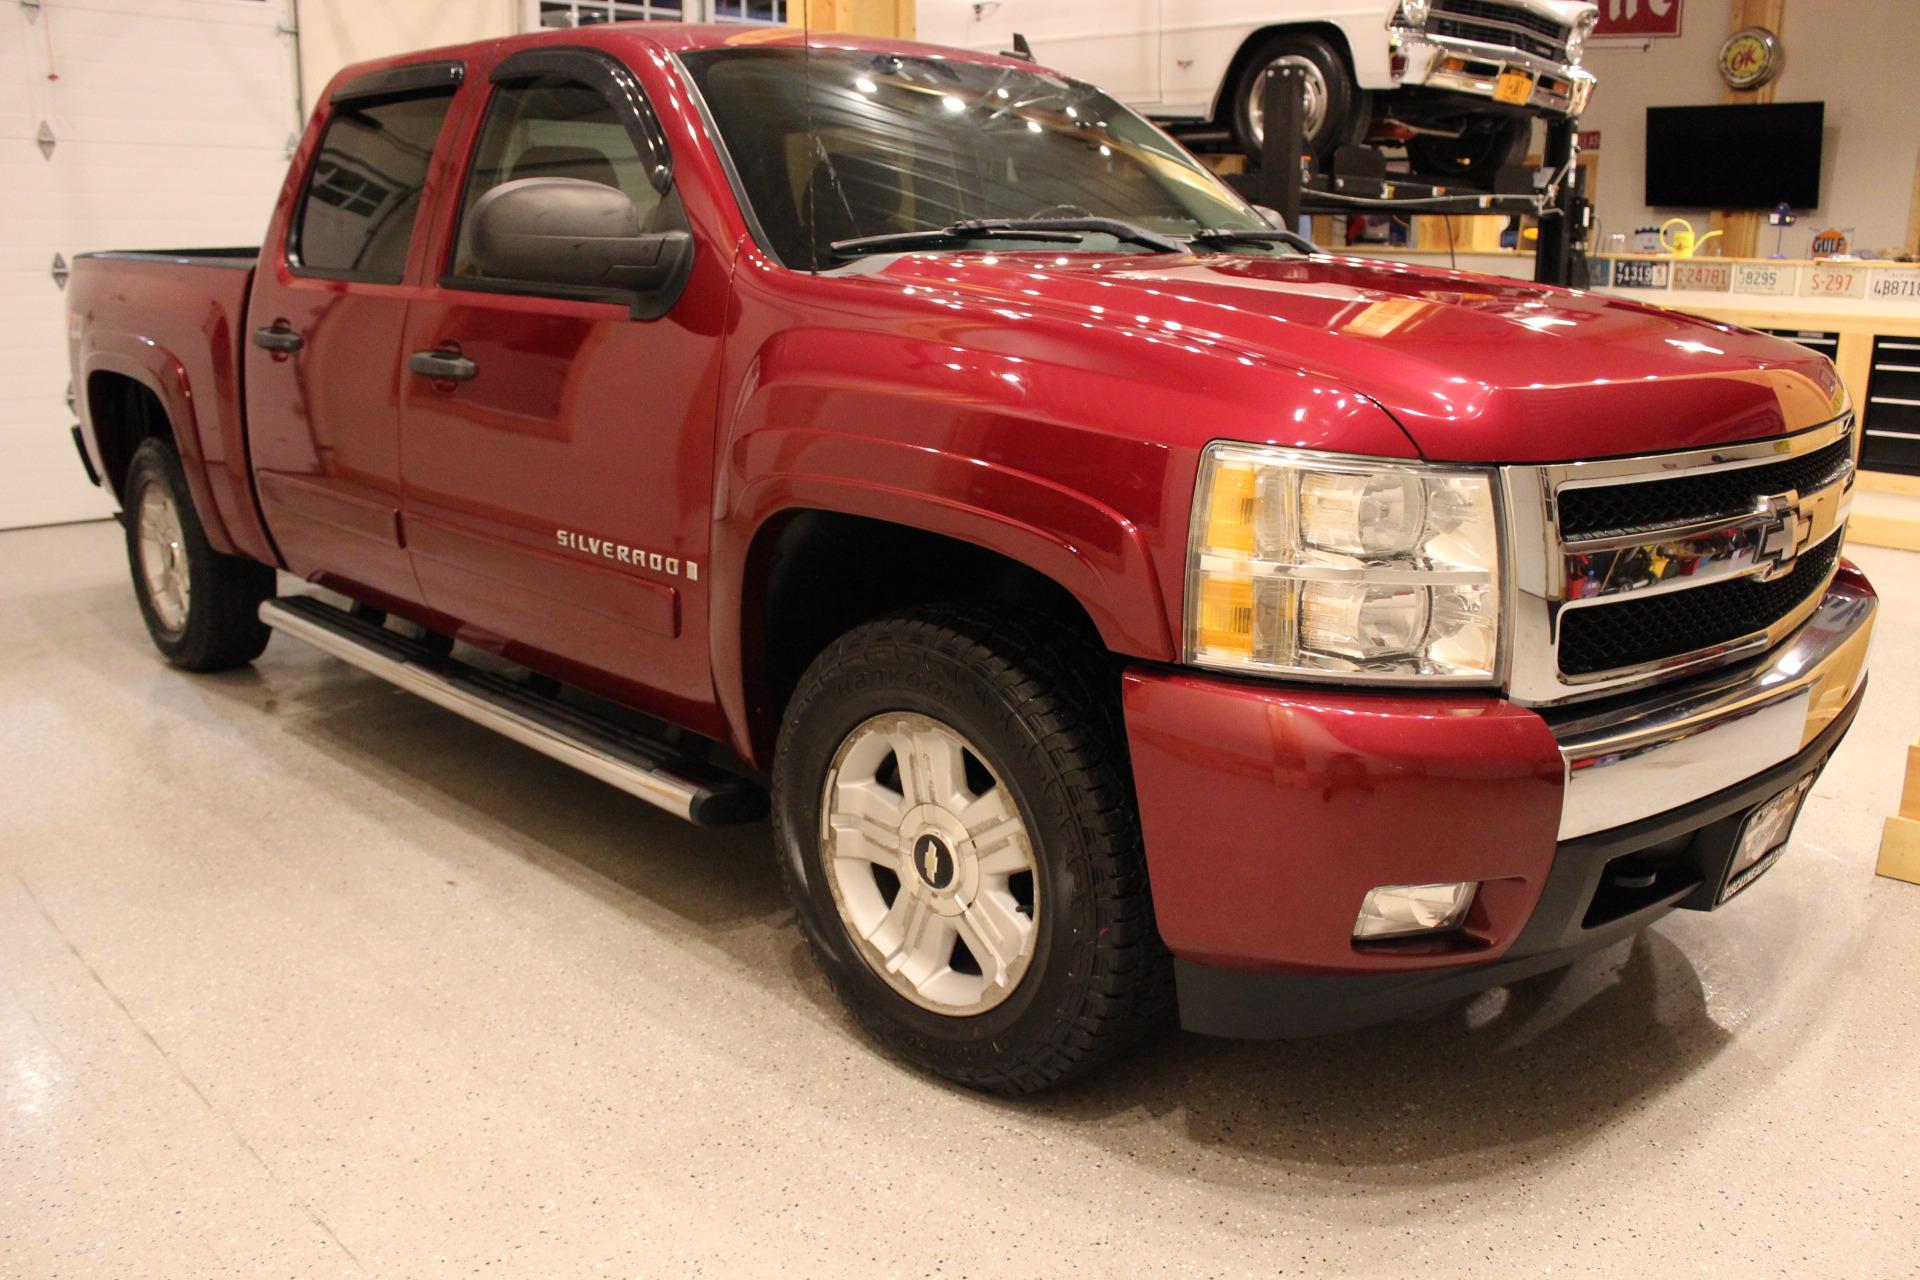 2007 Chevrolet Silverado 1500 Lt1 Biscayne Auto Sales Pre Owned Dealership Ontario Ny